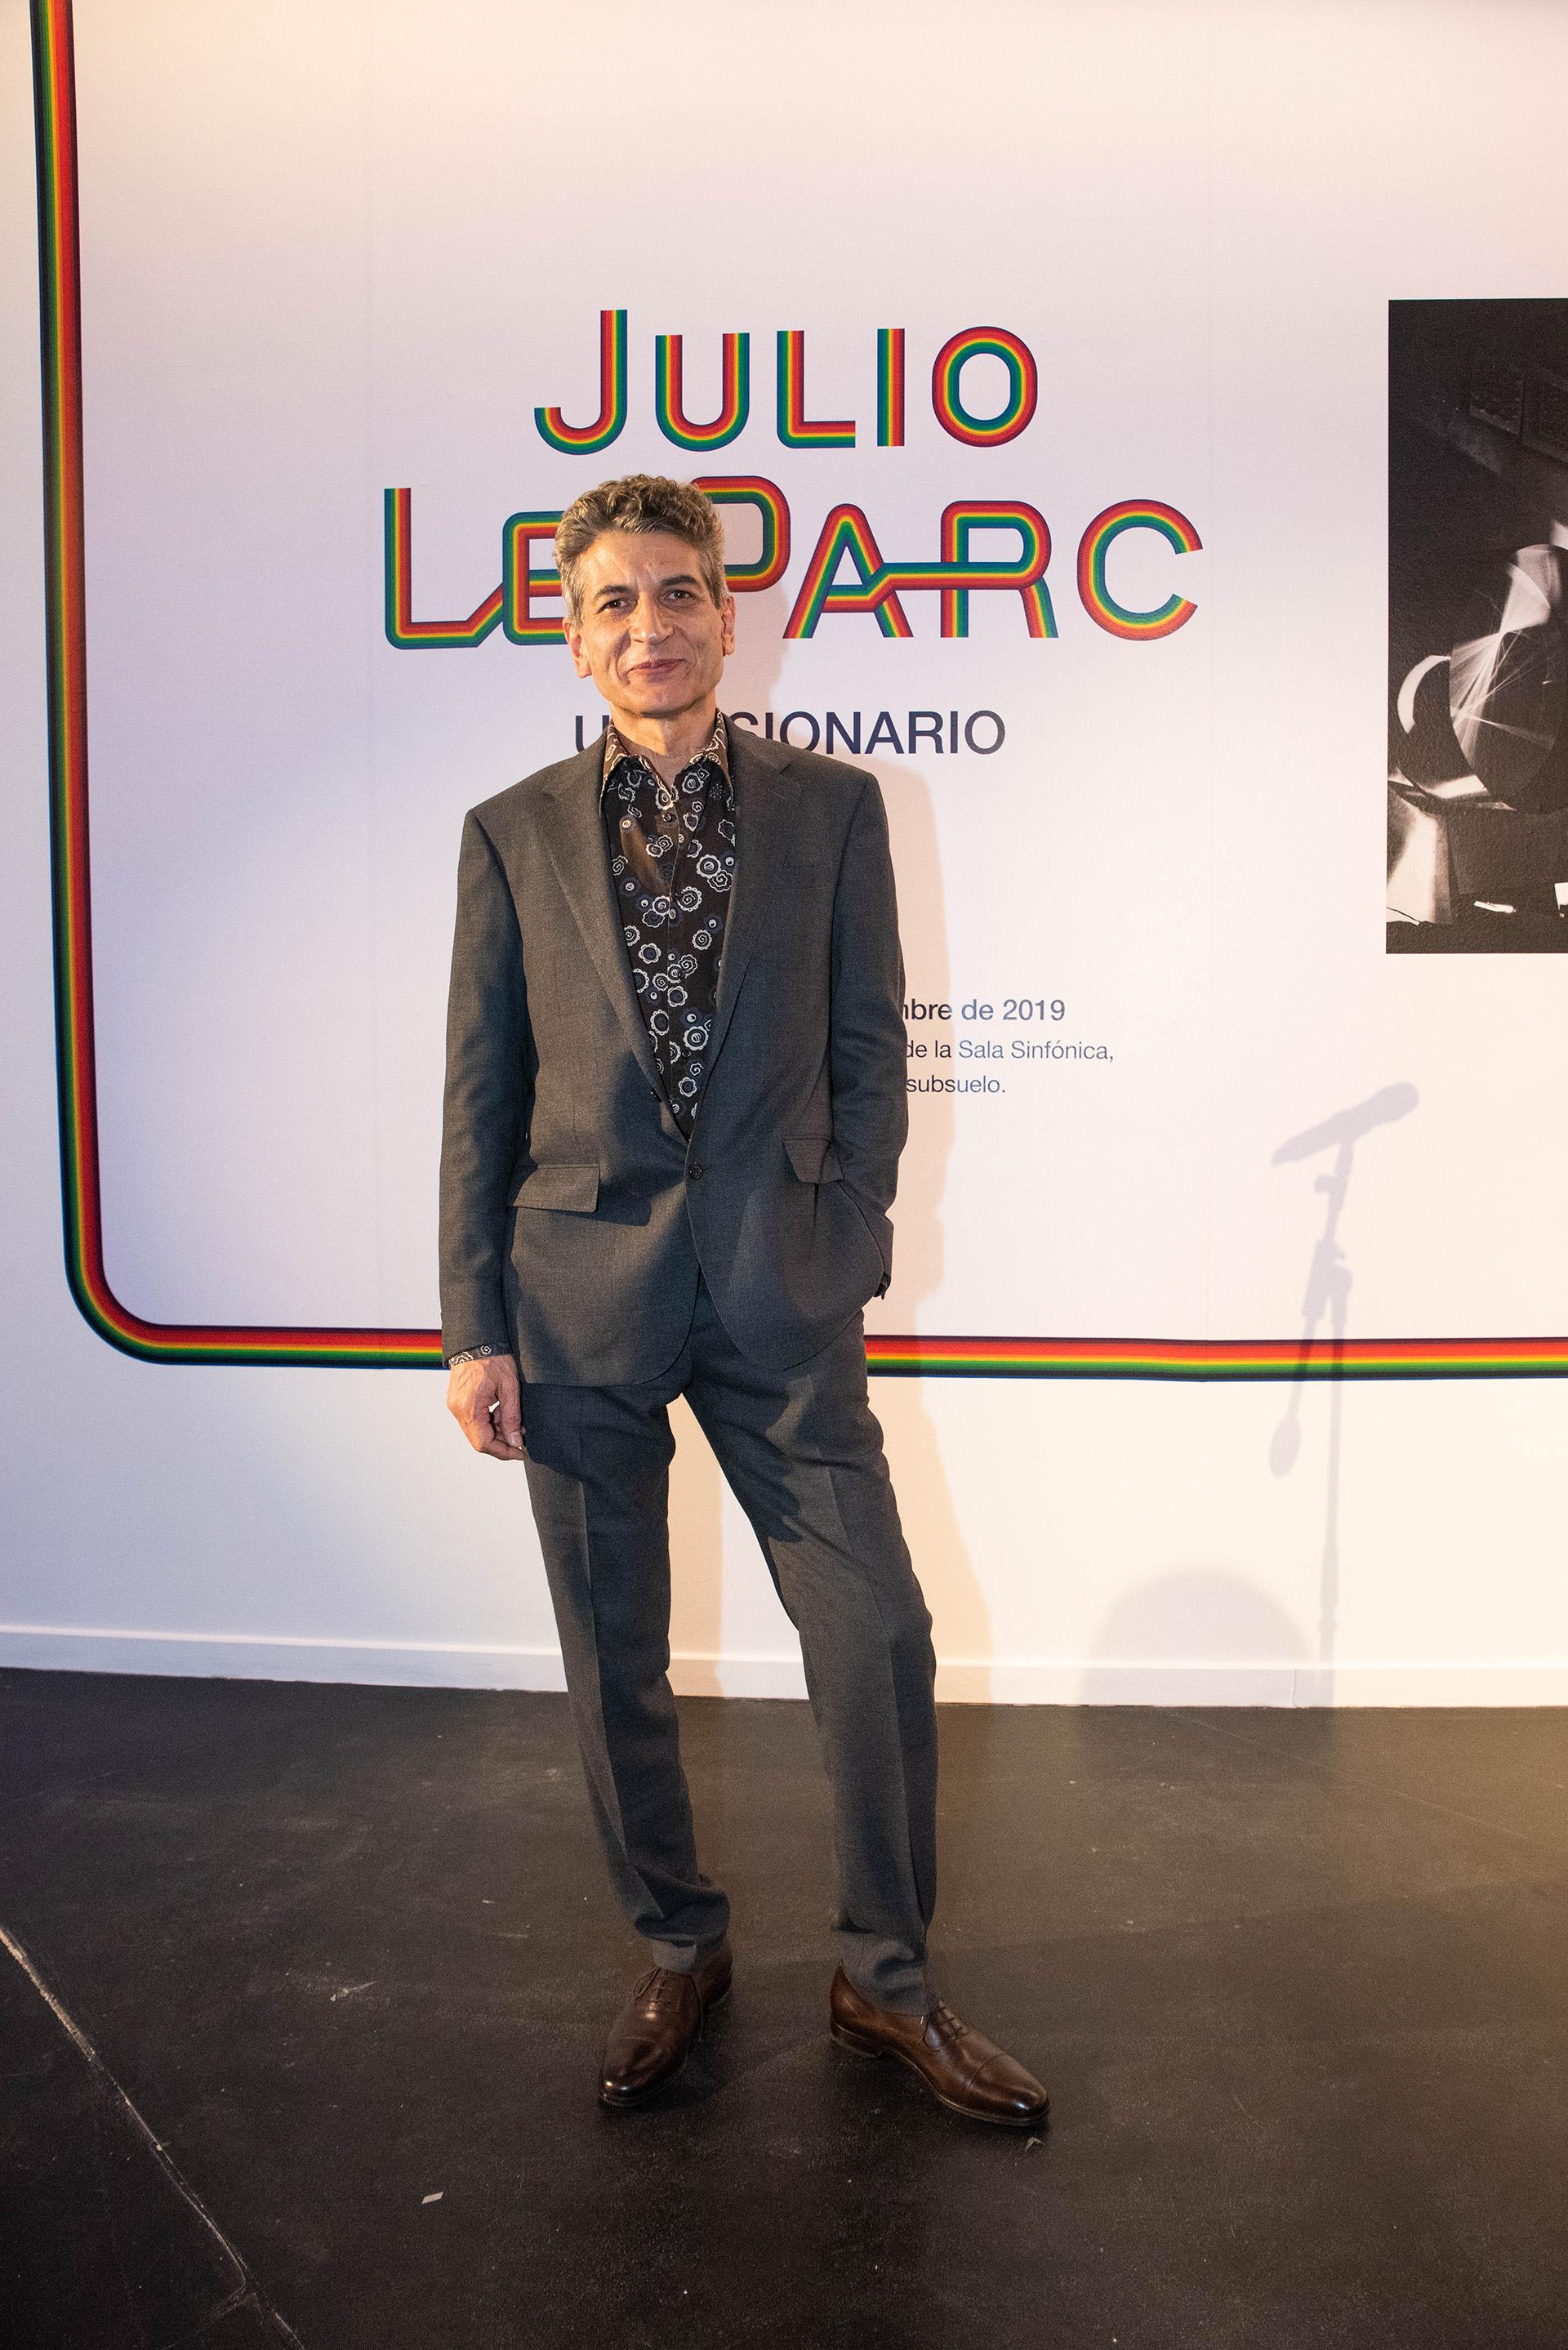 Gabriel Le Parc